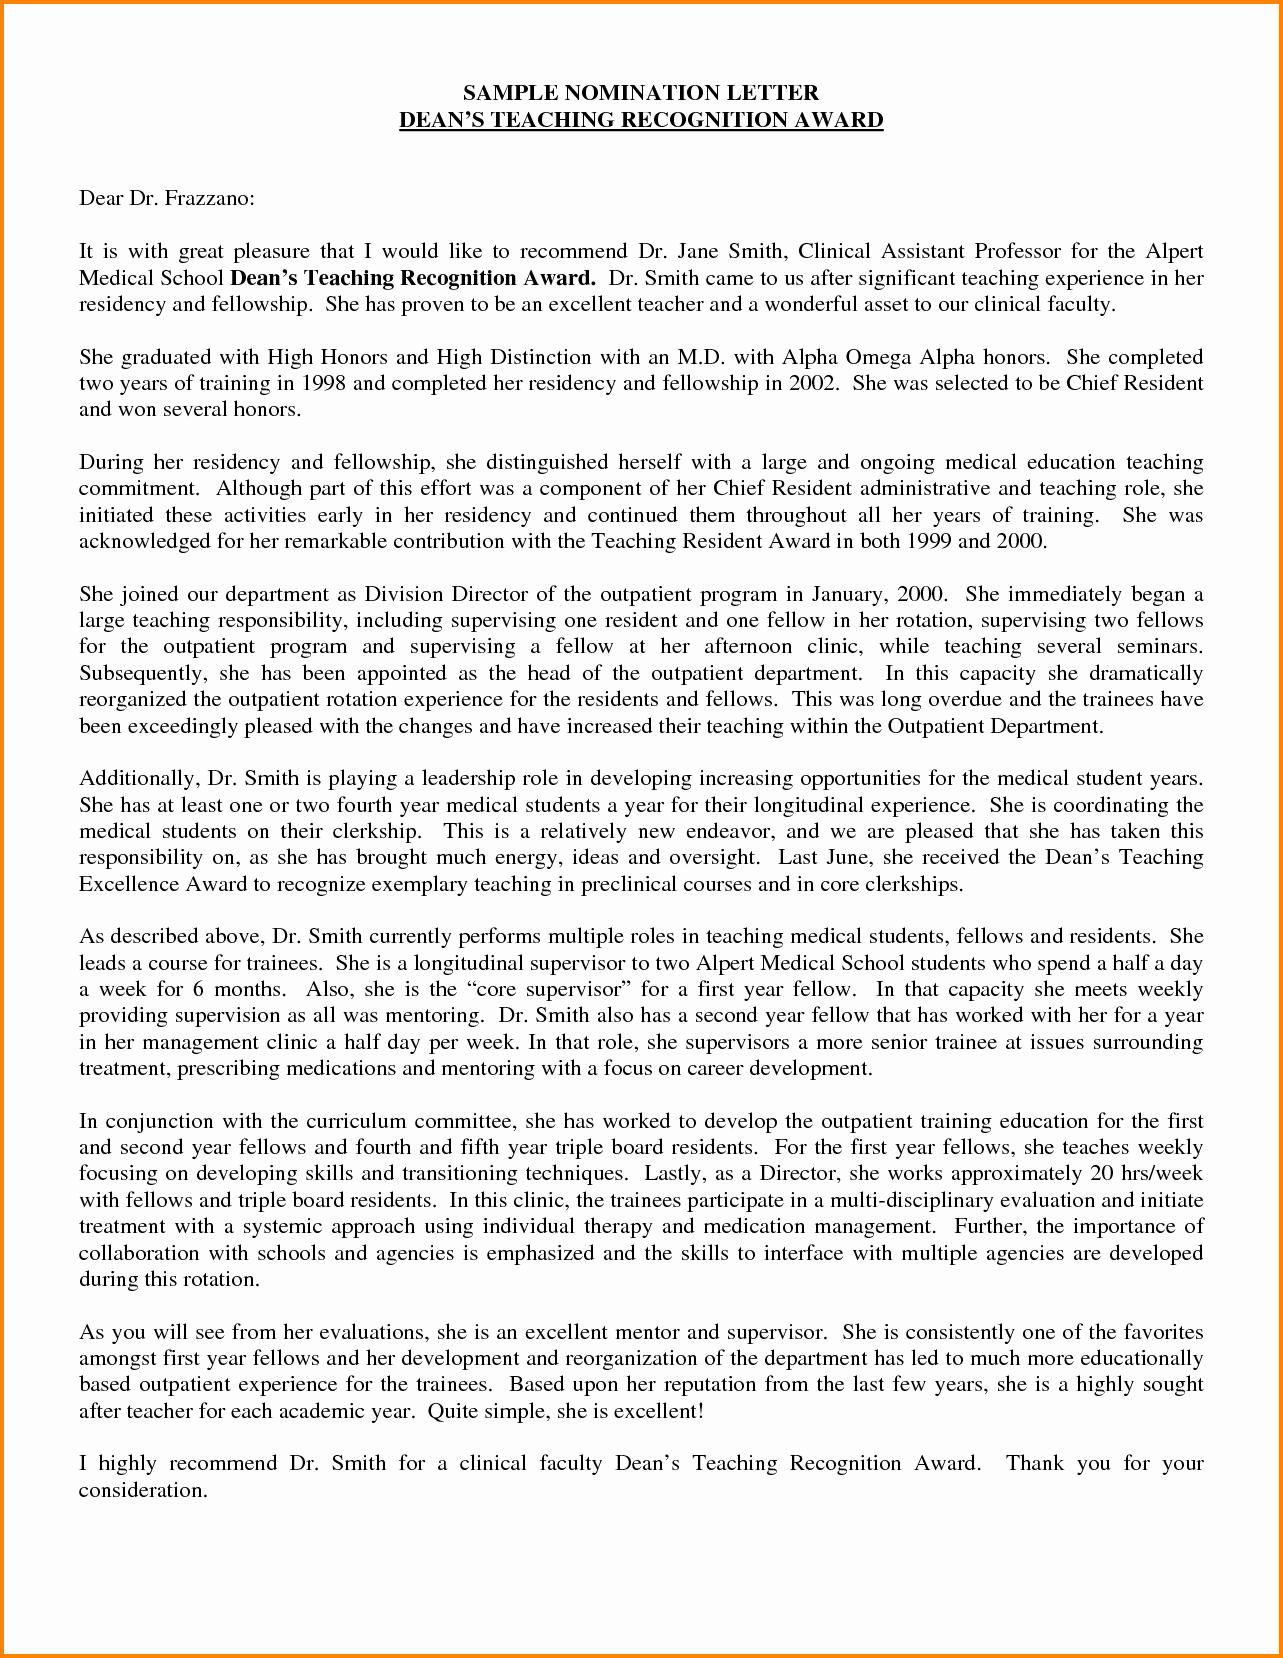 Award Recommendation Letter Sample Elegant 5 Letter Of Re Mendation for Teaching Award Sample